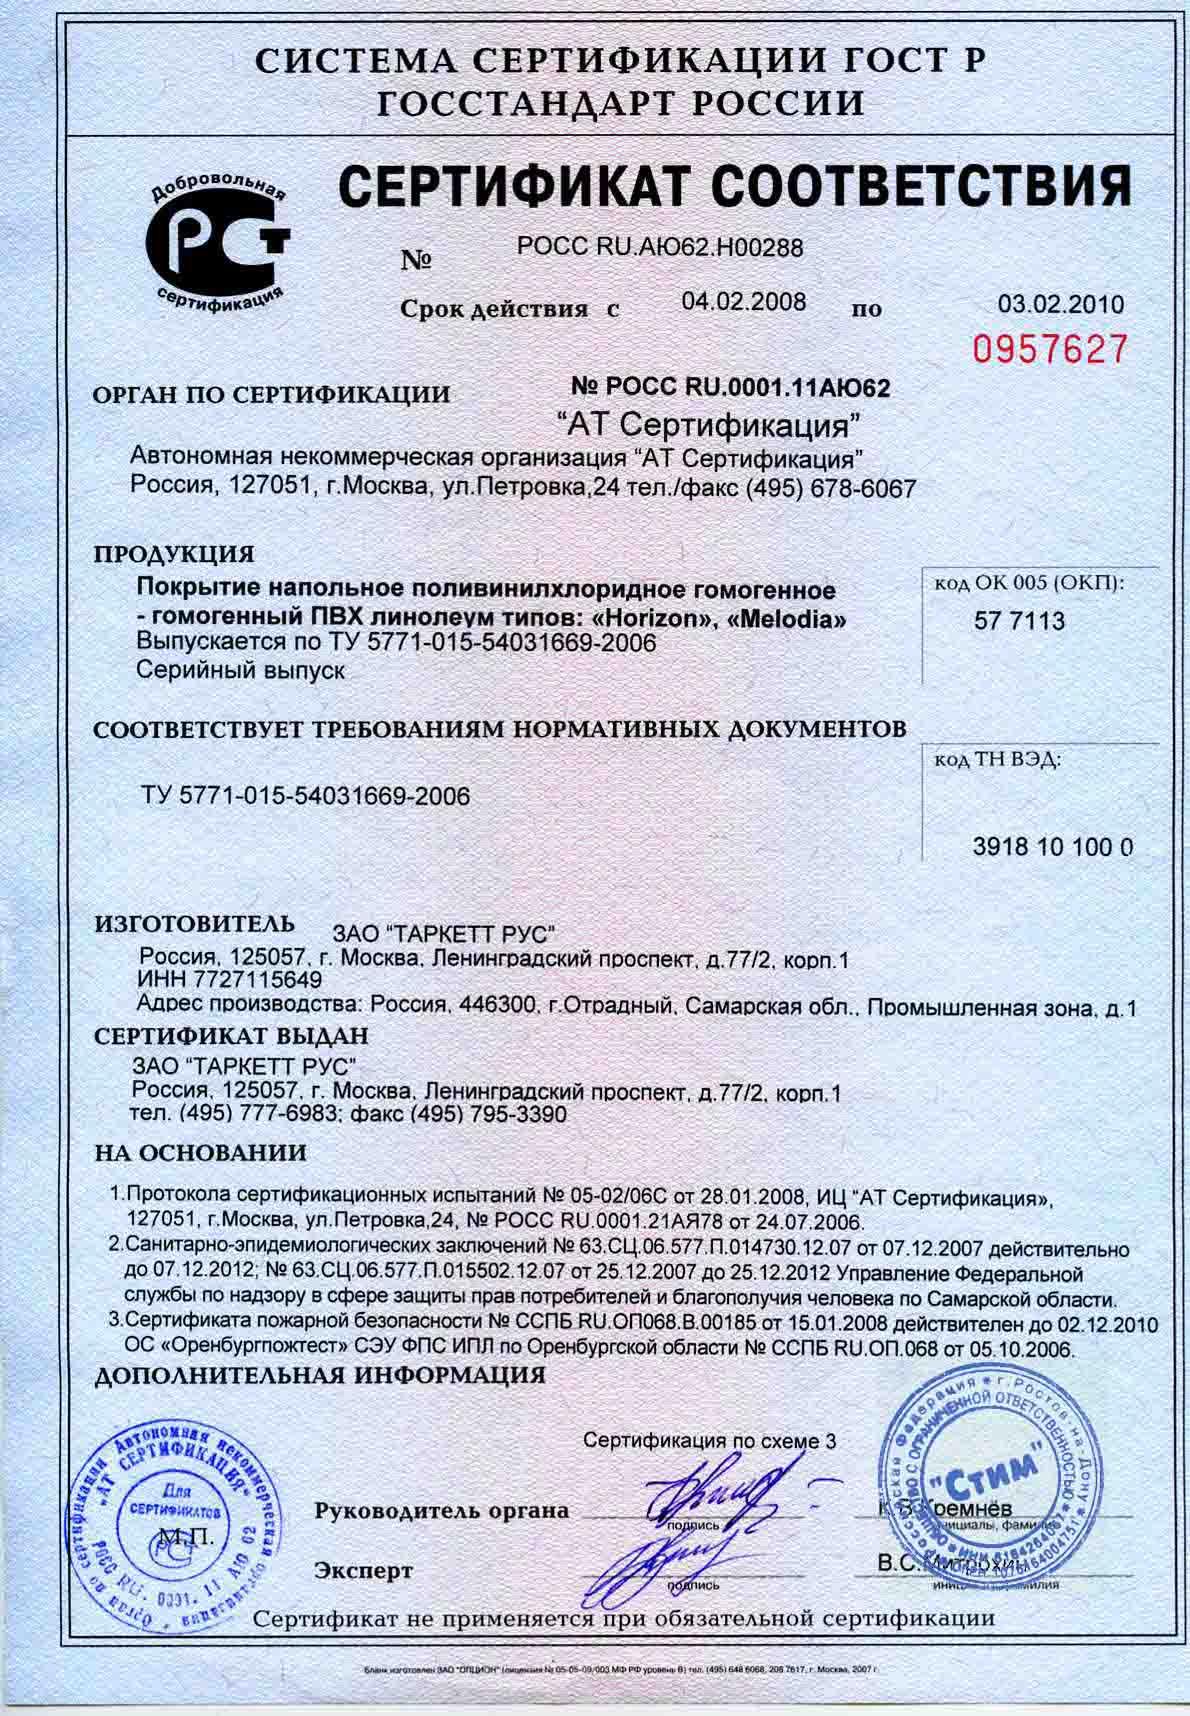 Сертификаты Соответствия На Линолеум